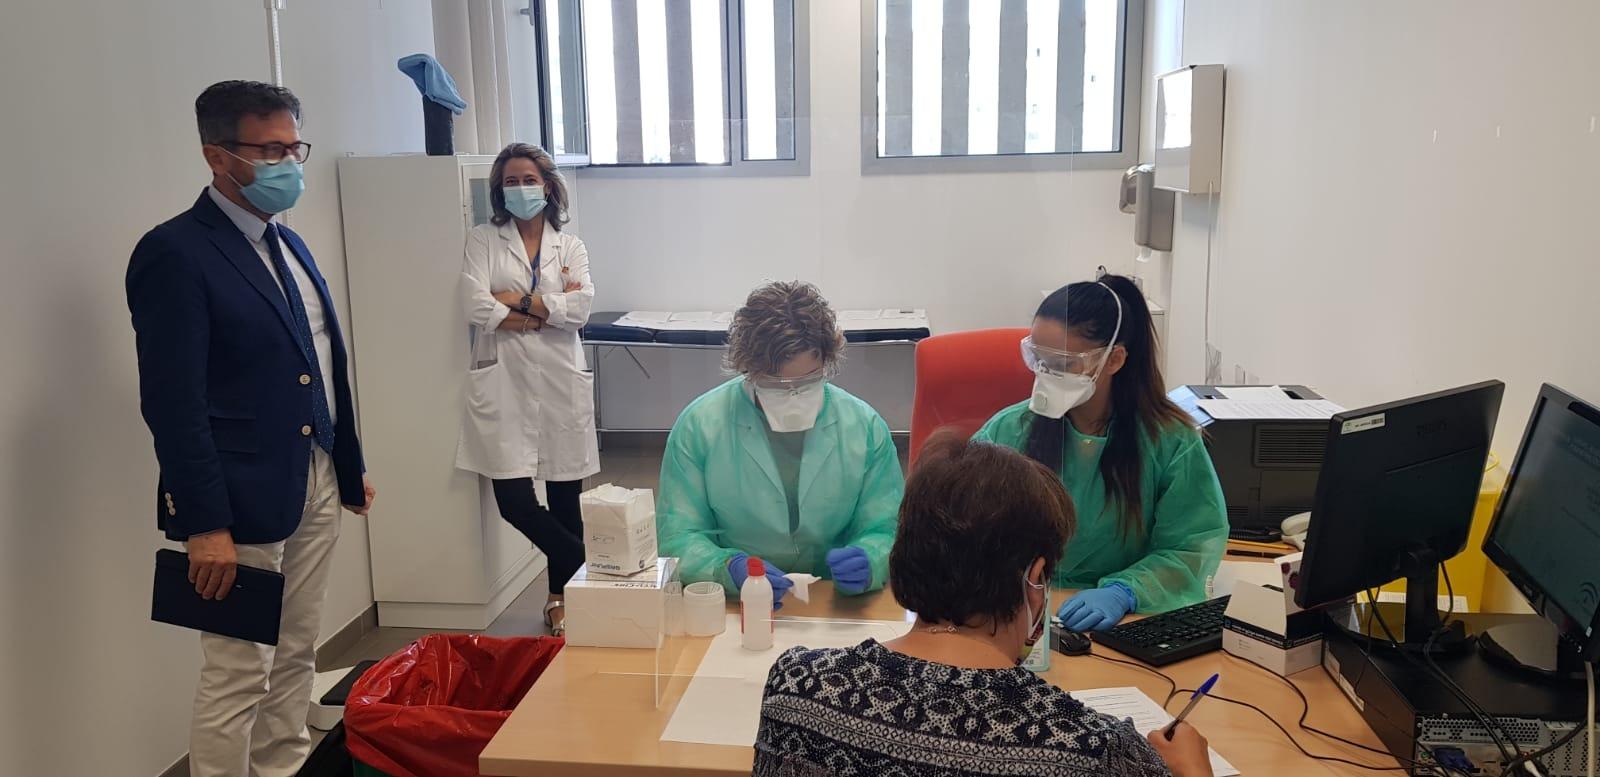 Justicia comienza a realizar test de COVID-19 a los funcionarios de los juzgados de Granada